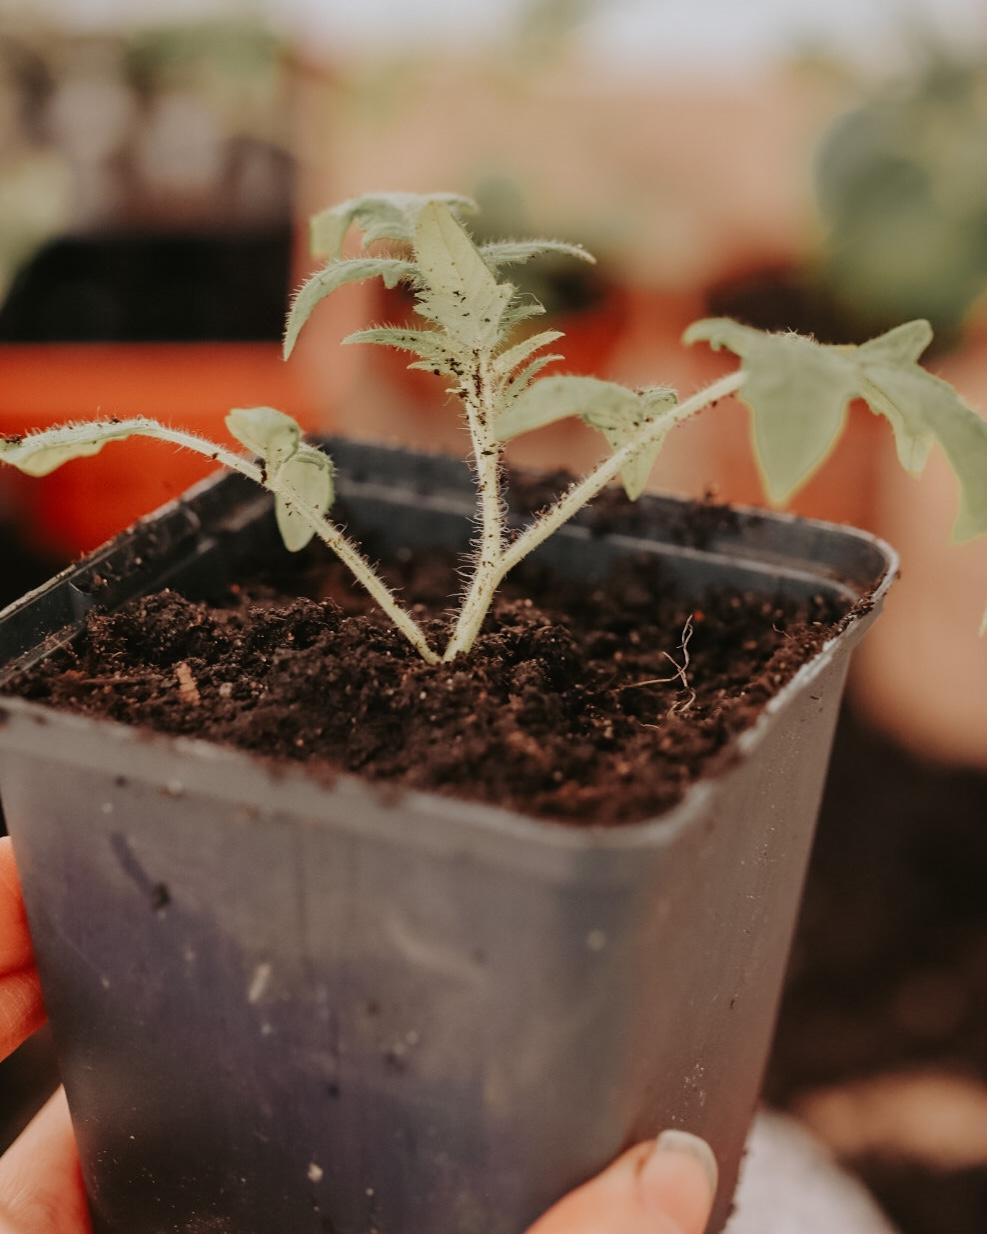 plantera tomater djupt